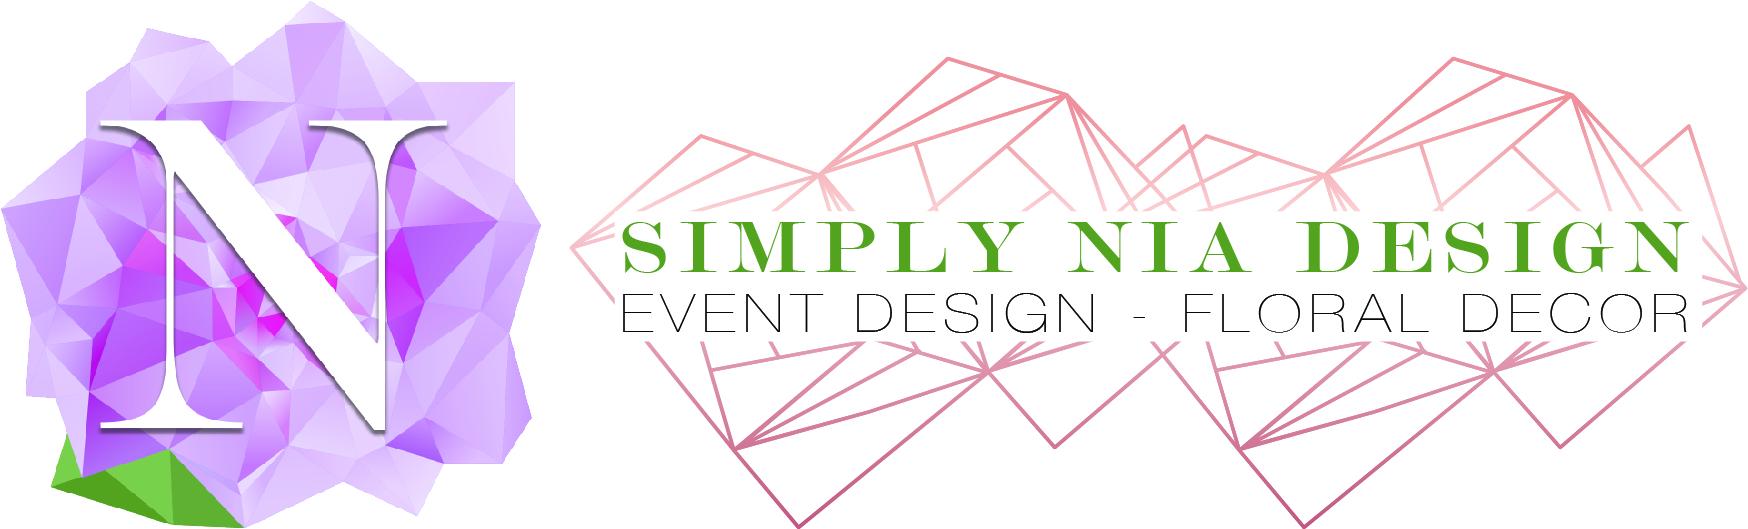 Simply Nia Design